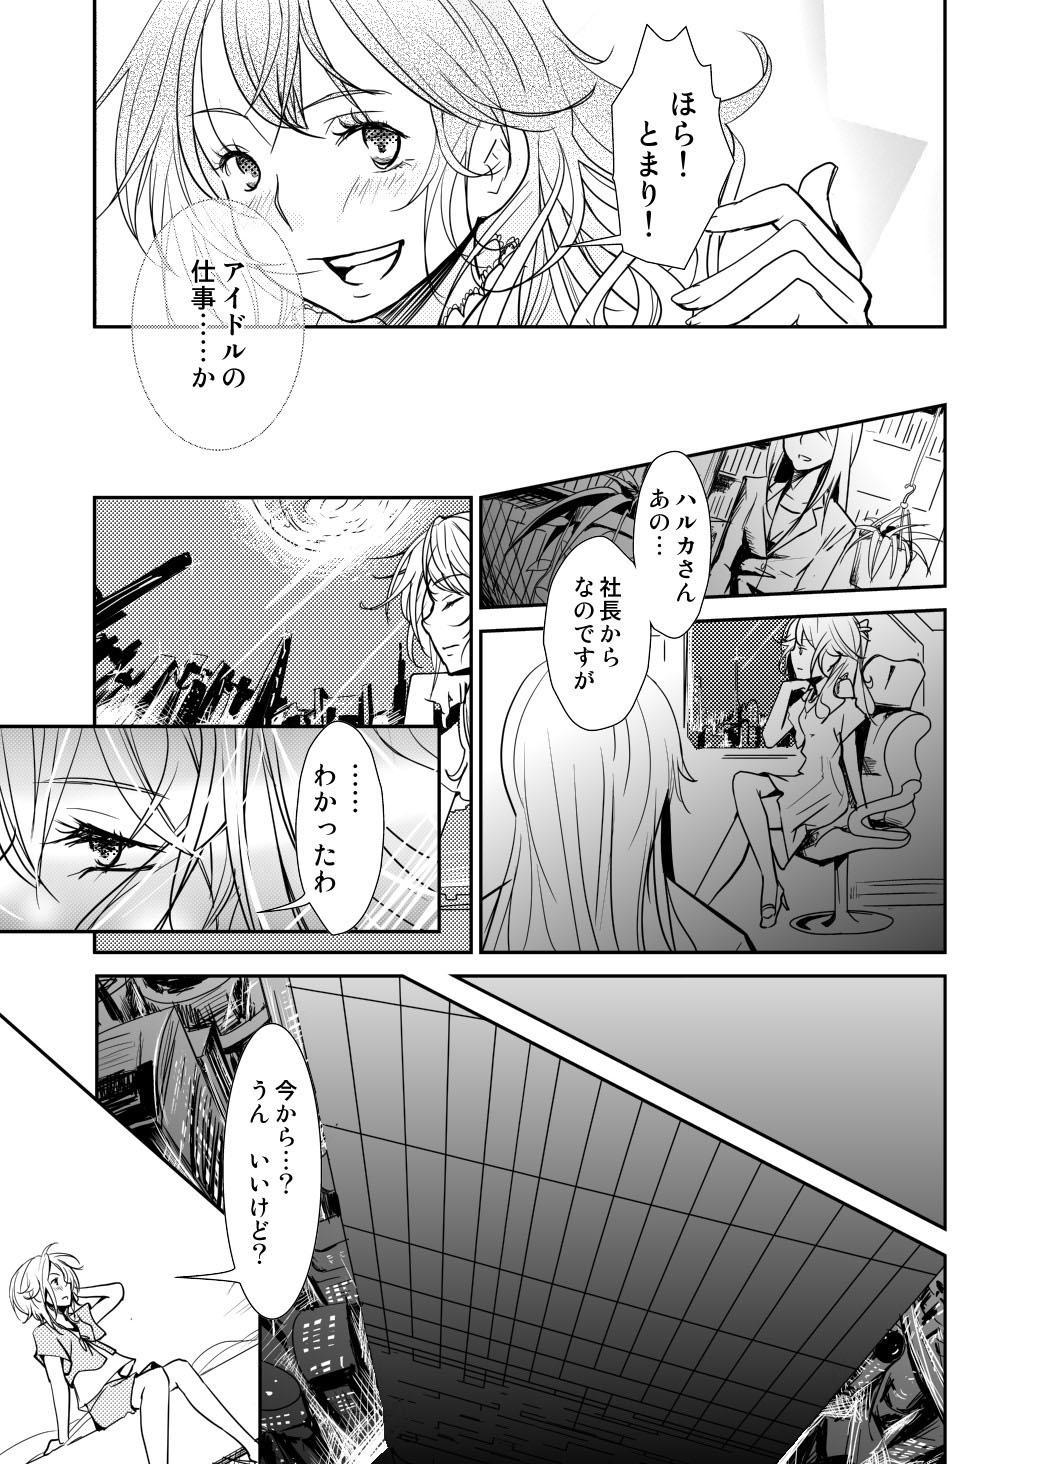 Yakusoku no Sora to Kimigaita Basho 1 ~ 2 14